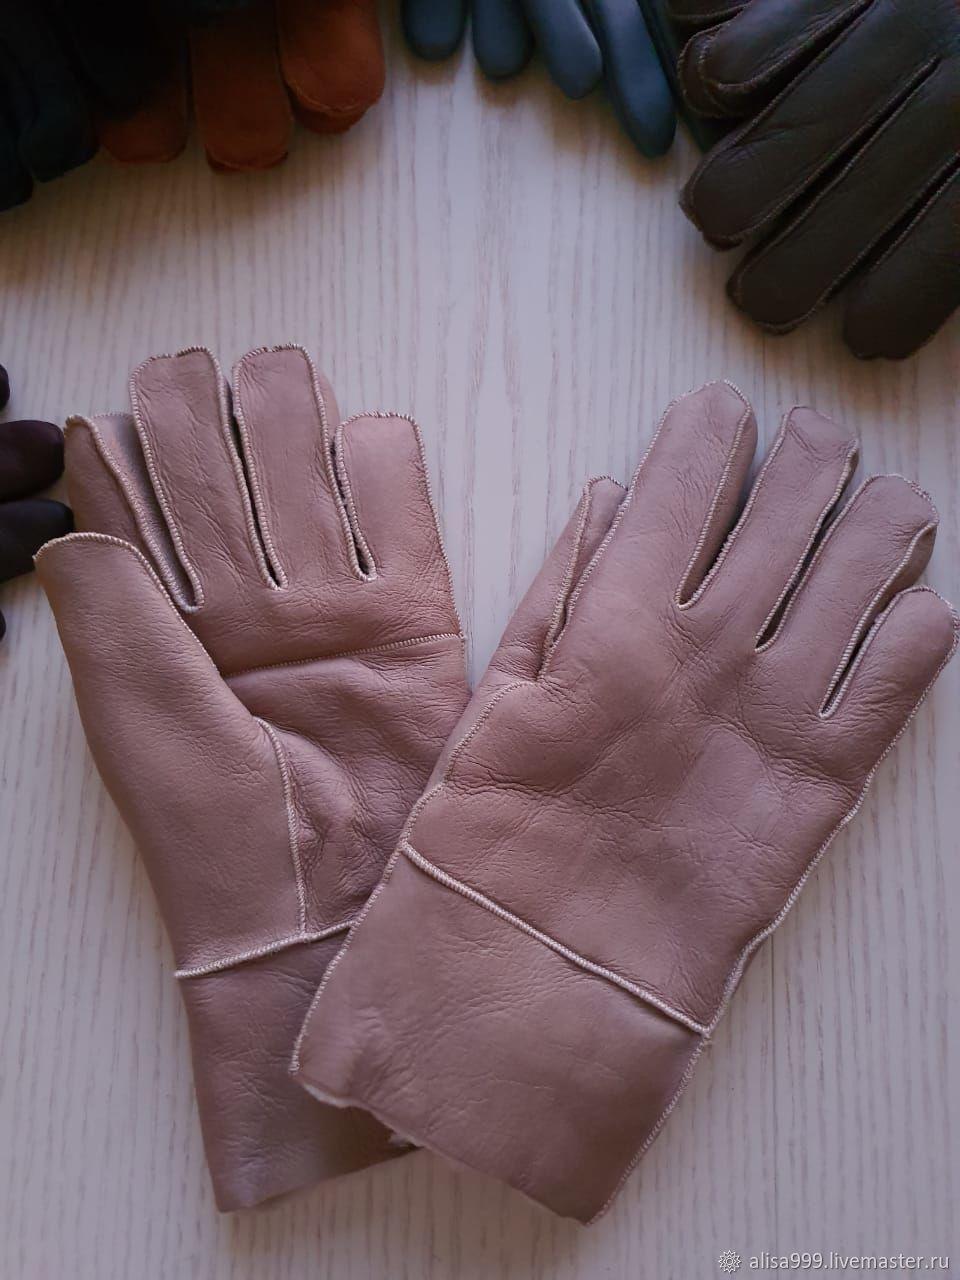 Кожаные перчатки из овчины мужские, кремовые, Перчатки, Москва,  Фото №1